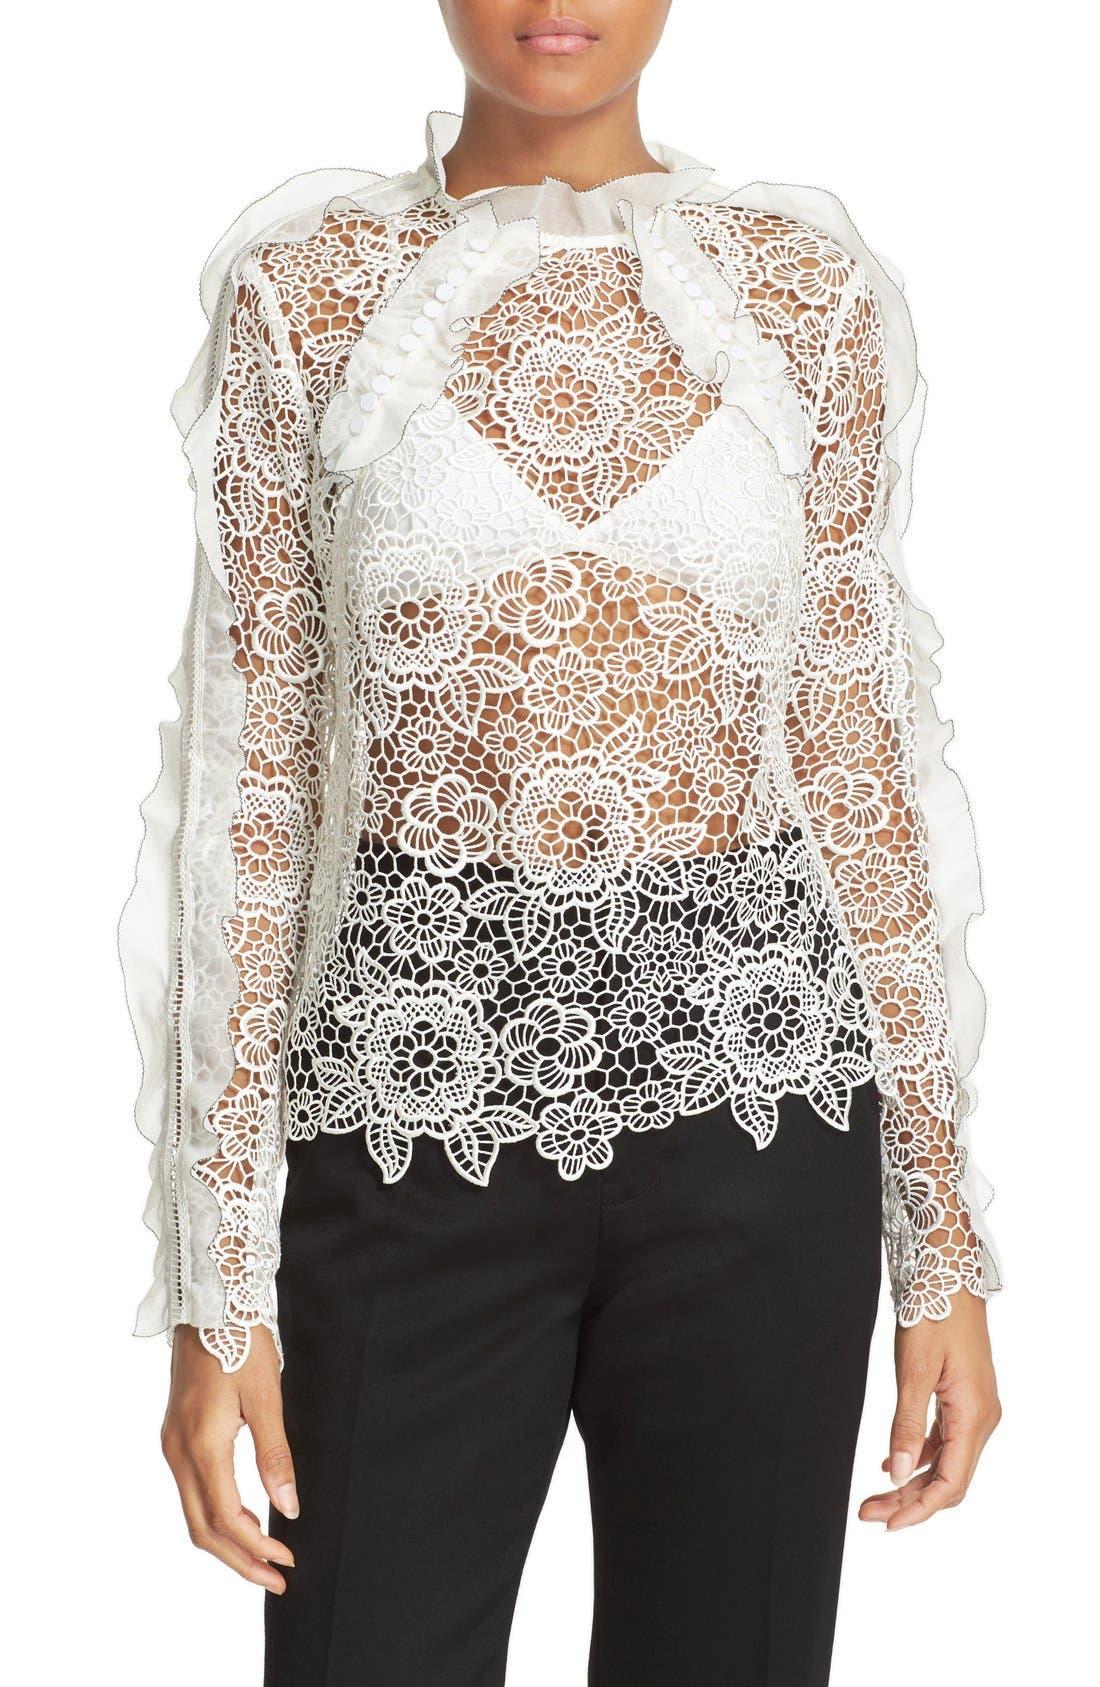 SELF-PORTRAIT Floral Lace Top